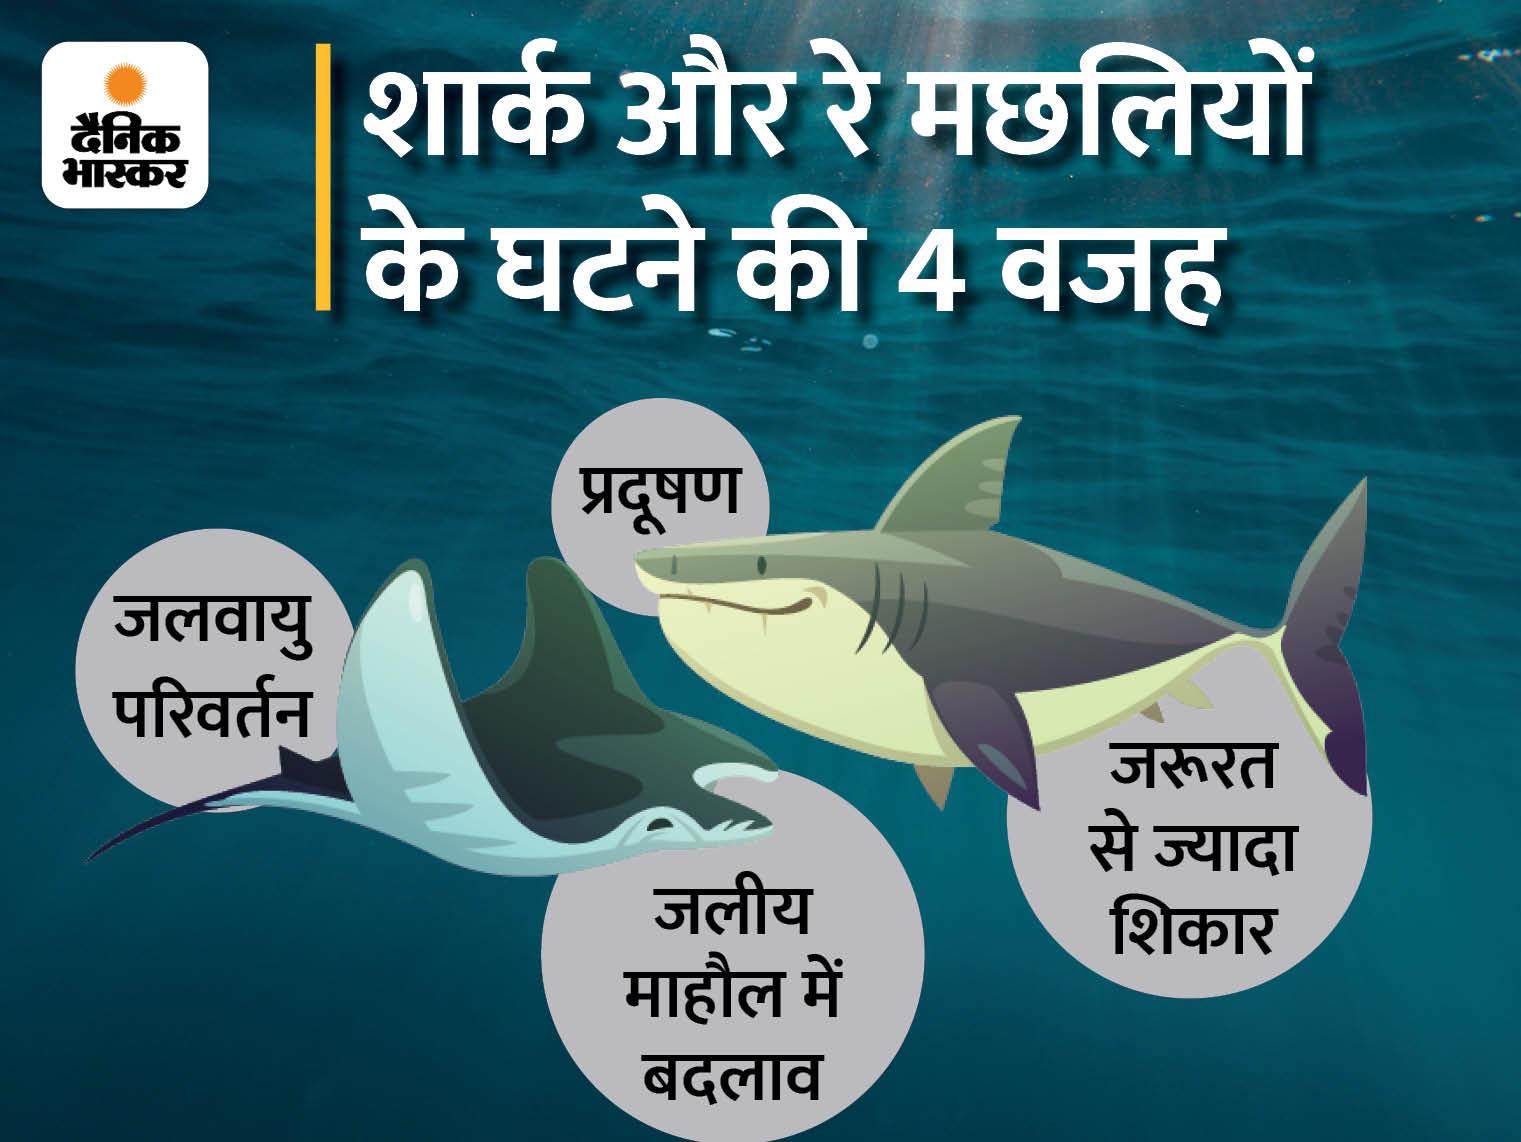 40 फीसदी तक शार्क और रे मछली विलुप्ति की कगार पर, वजह; जलवायु परिवर्तन और मछलियों का अधिक शिकार, 8 साल में खतरा दोगुना हुआ लाइफ & साइंस,Happy Life - Dainik Bhaskar